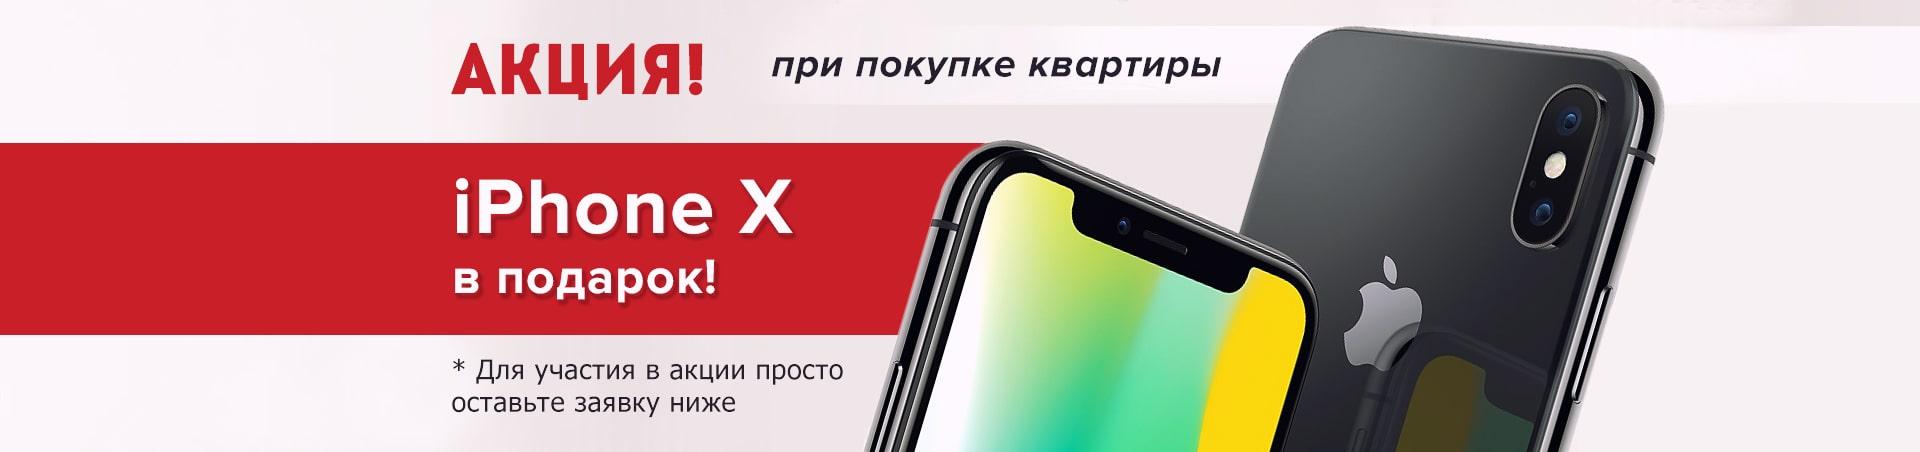 Акция iphone X в подарок